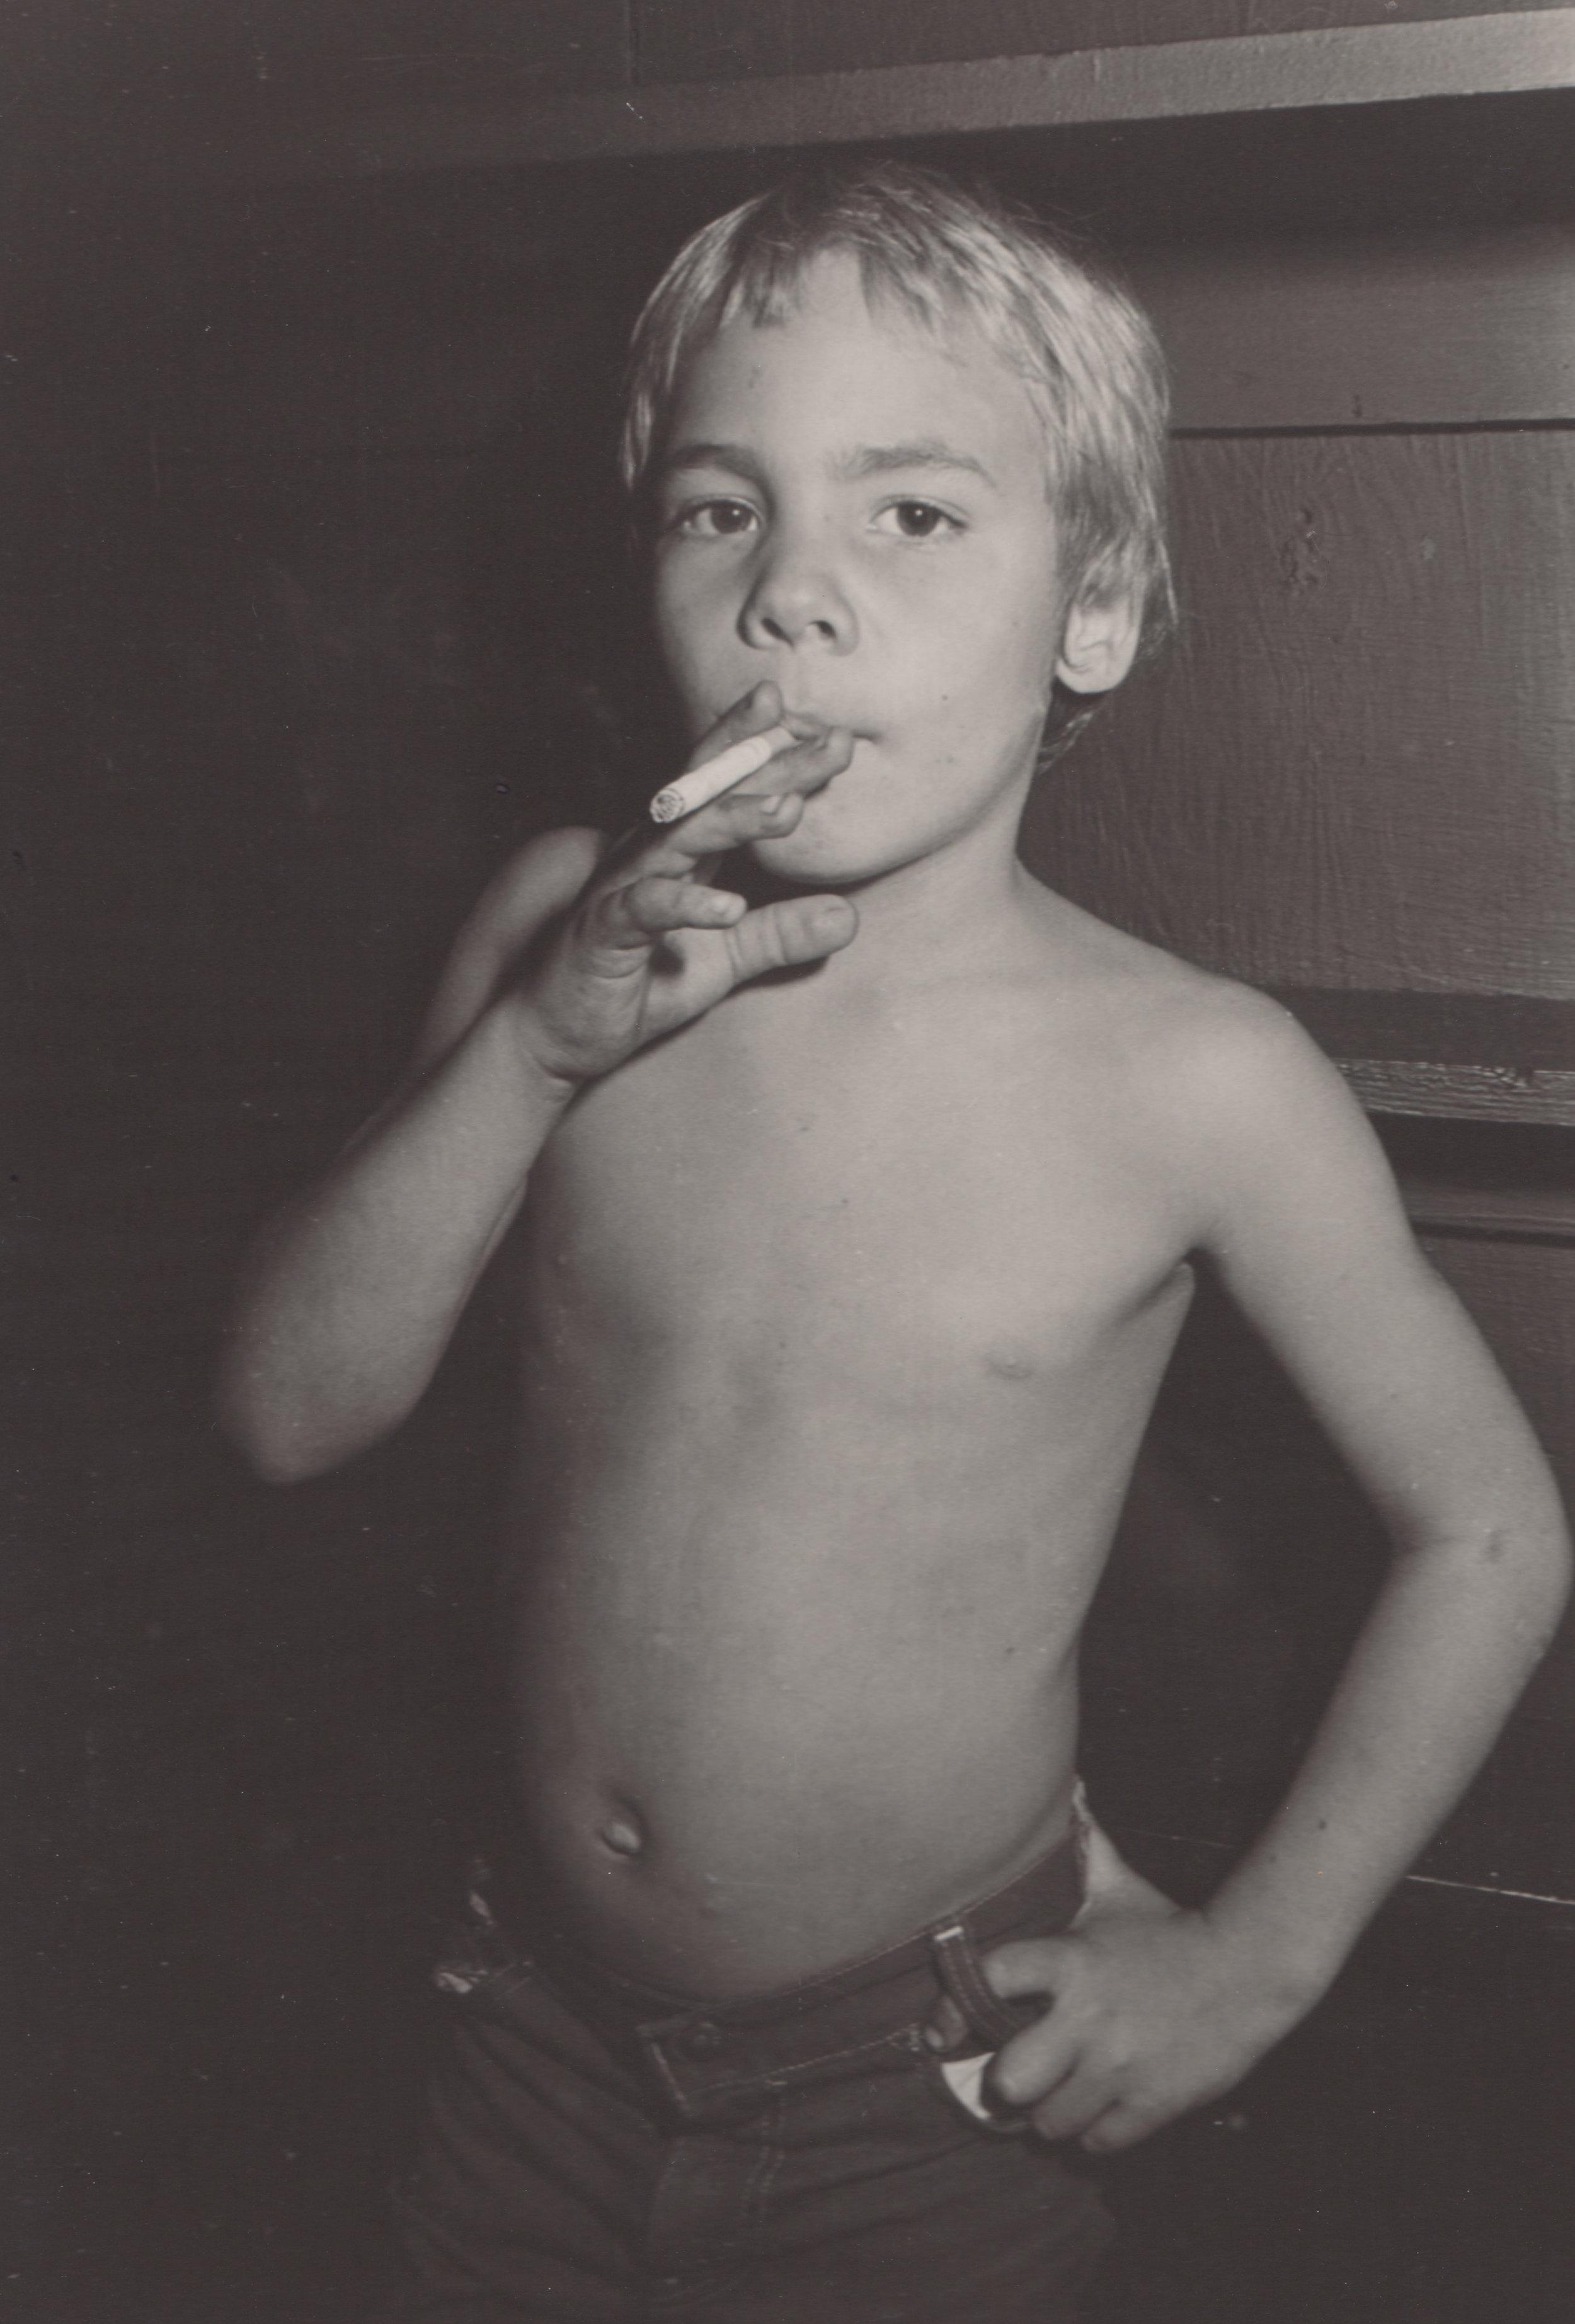 Smoking Kid - Taken at Zero Club Hollywood in 1981.